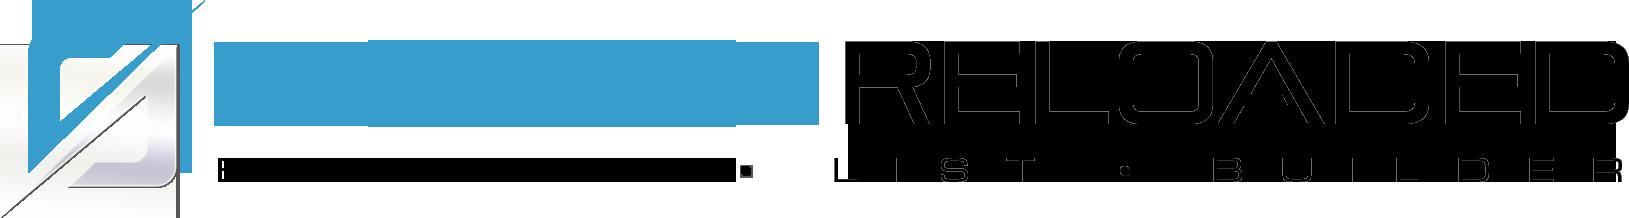 5iphon-logo-dark